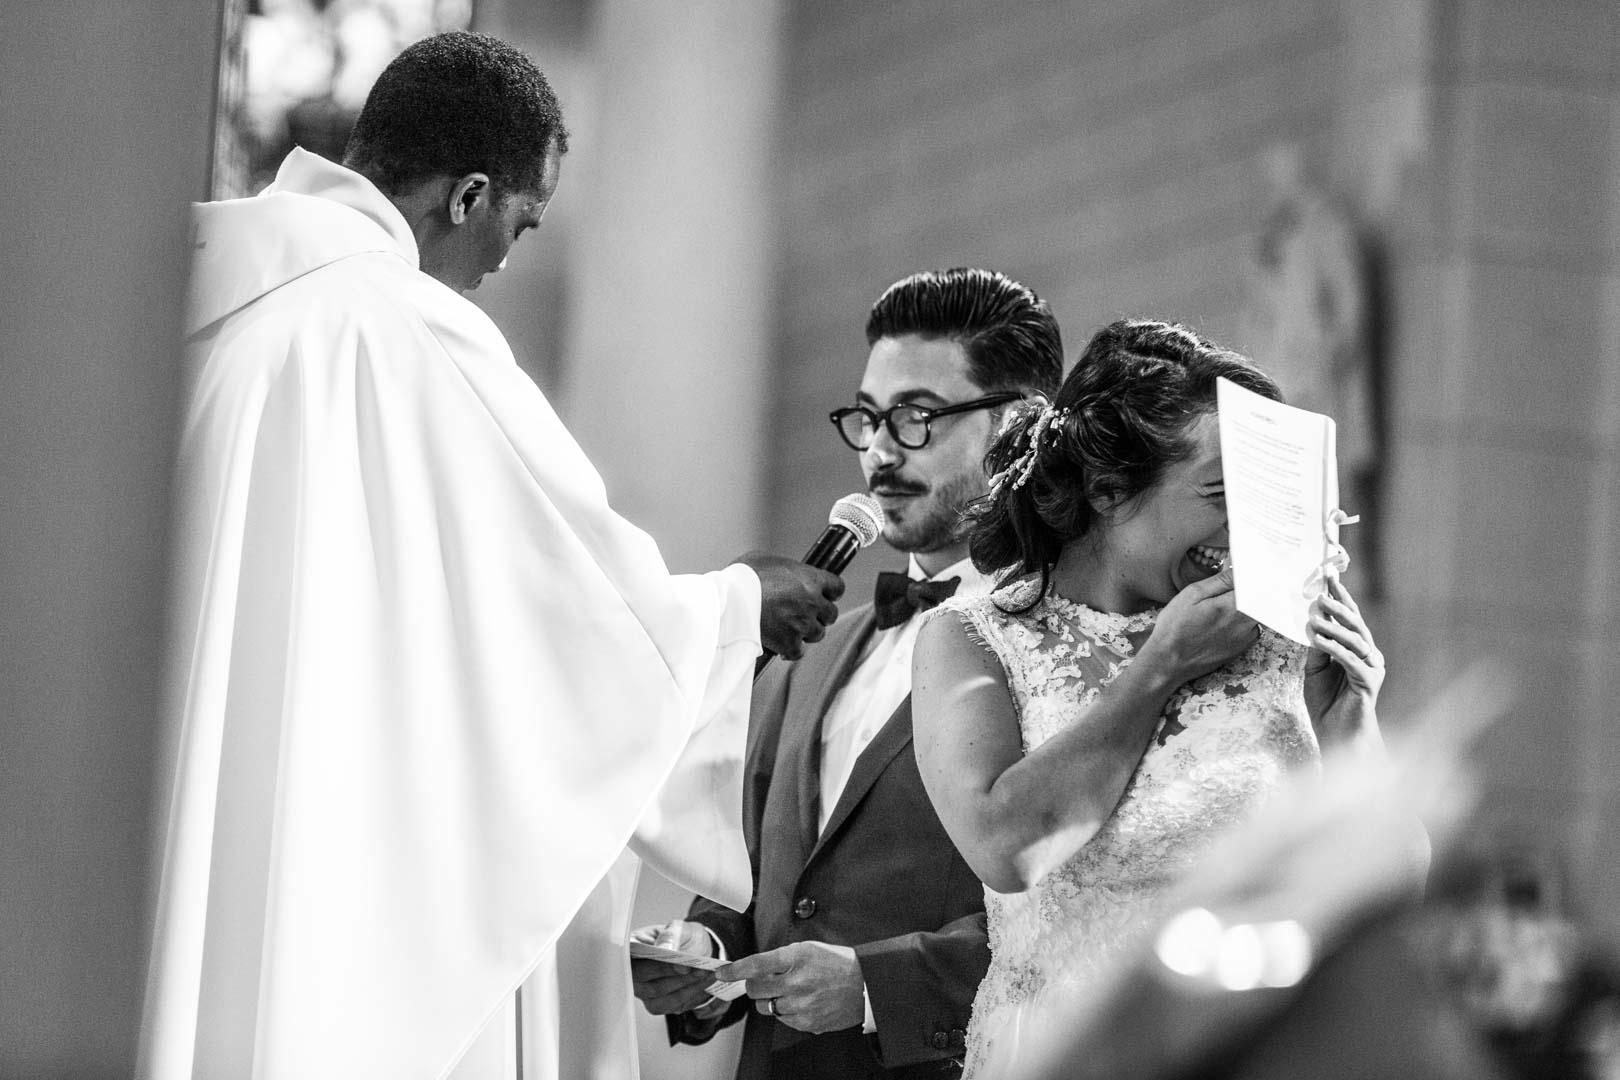 lapsus et fou rire pendant la célébration du mariage